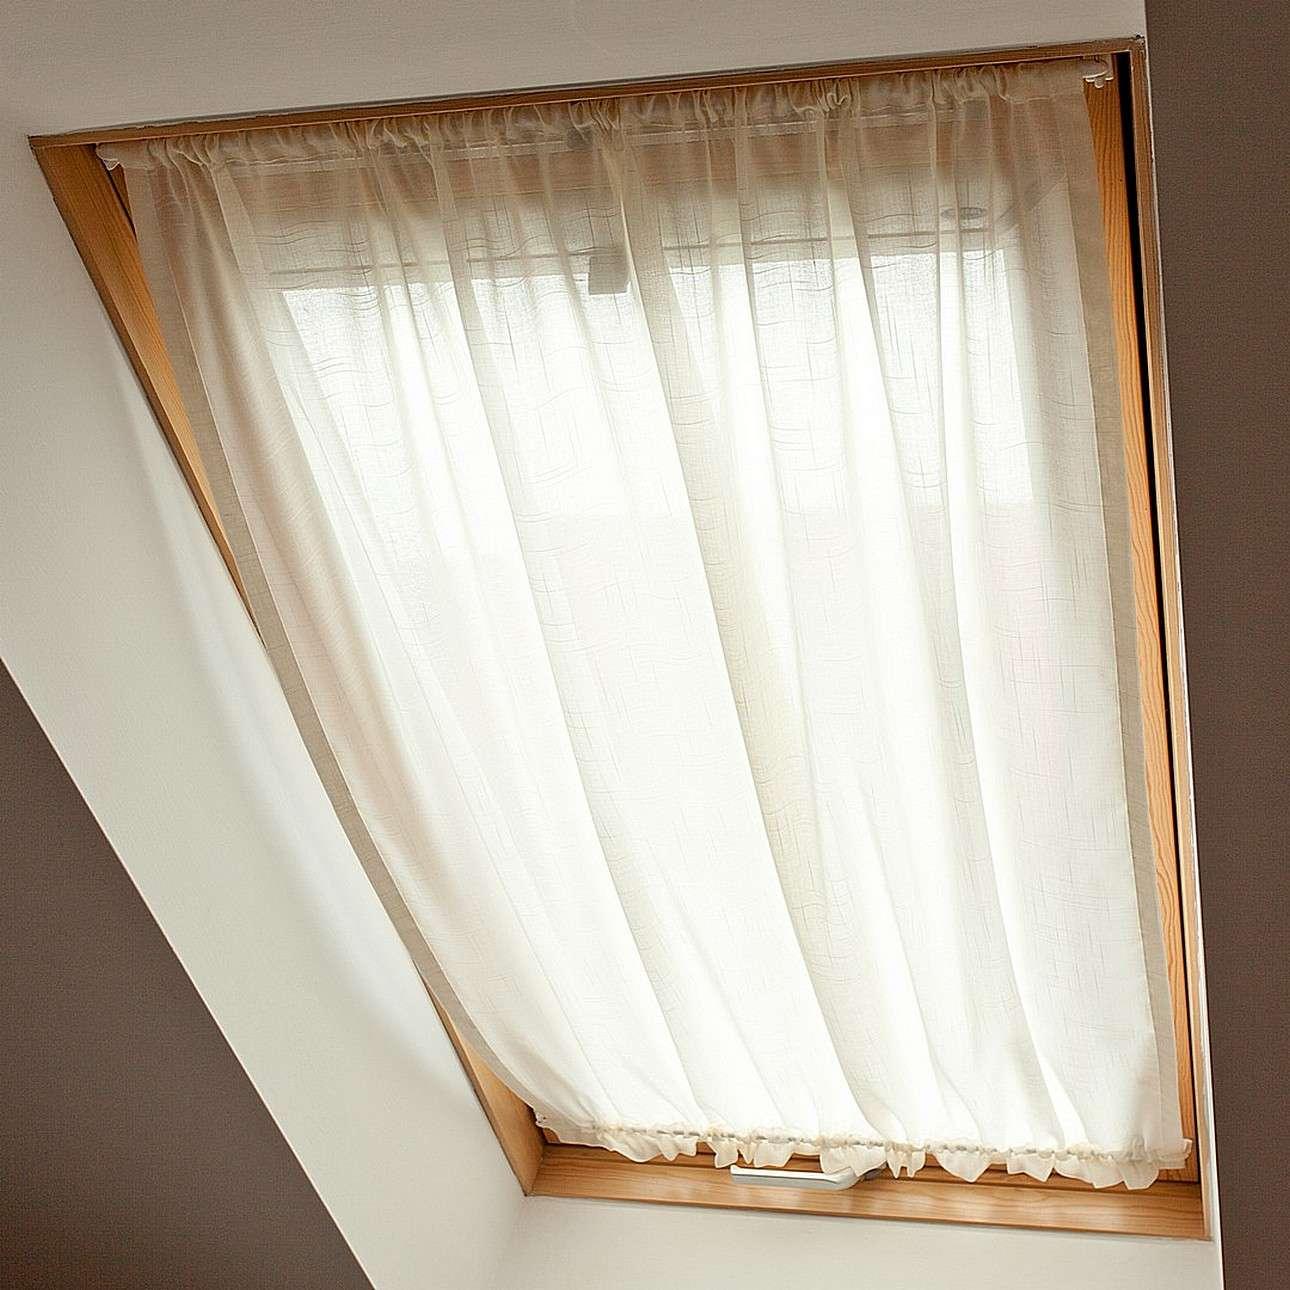 Zasłonka na okno dachowe 110x126+3cm grzywka w kolekcji Romantica, tkanina: 128-88